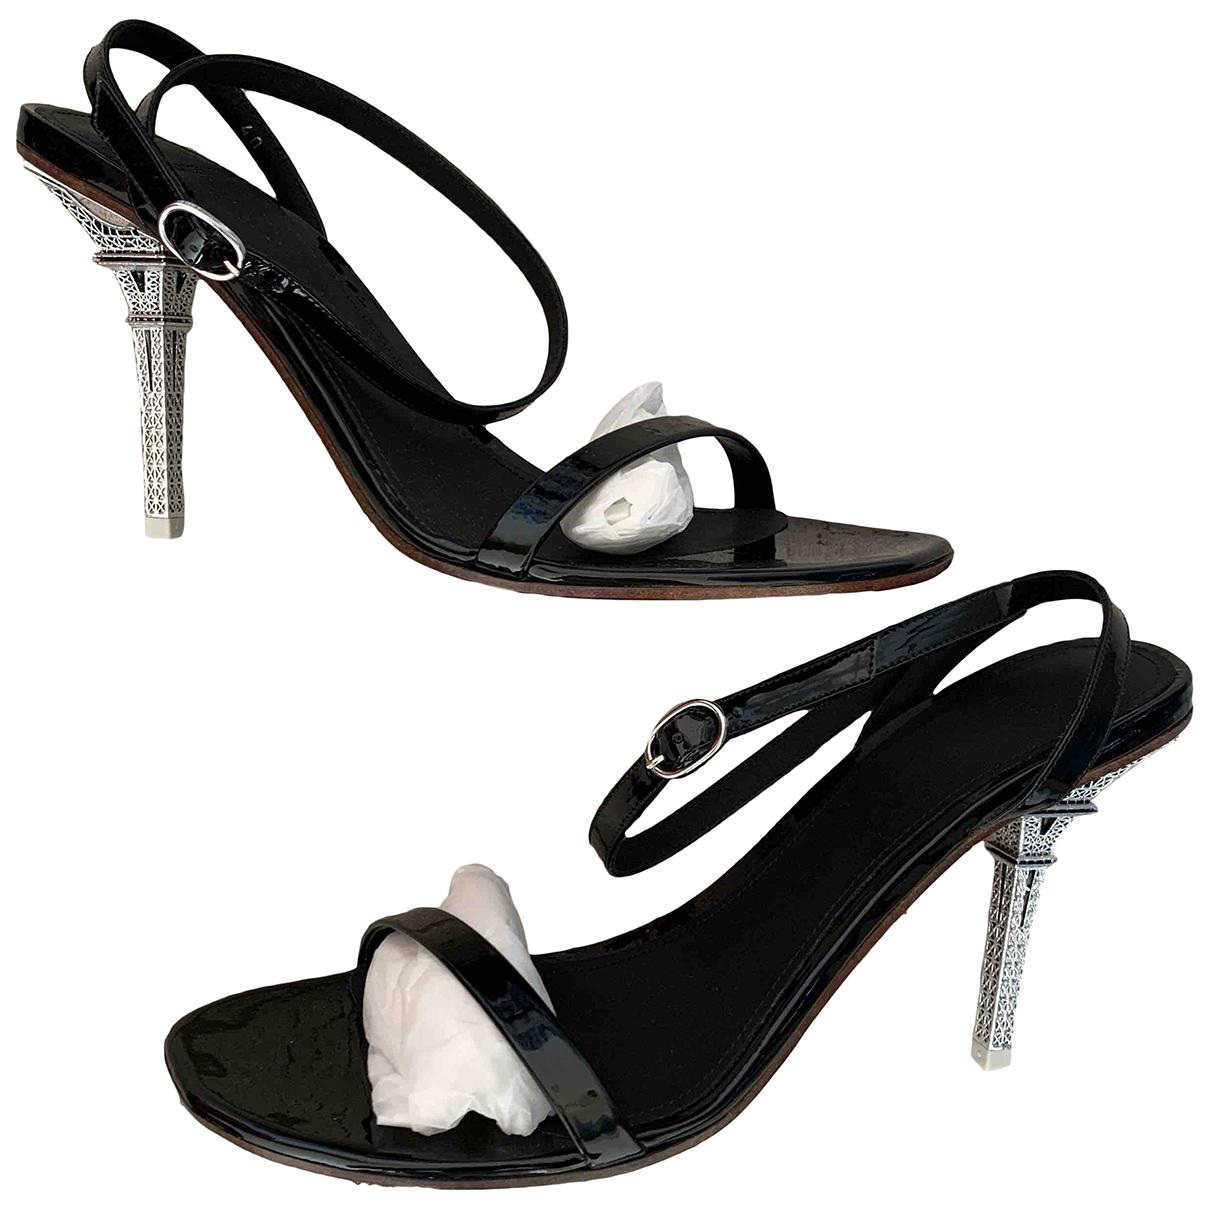 Sandalias romanas de Cuero Vetements